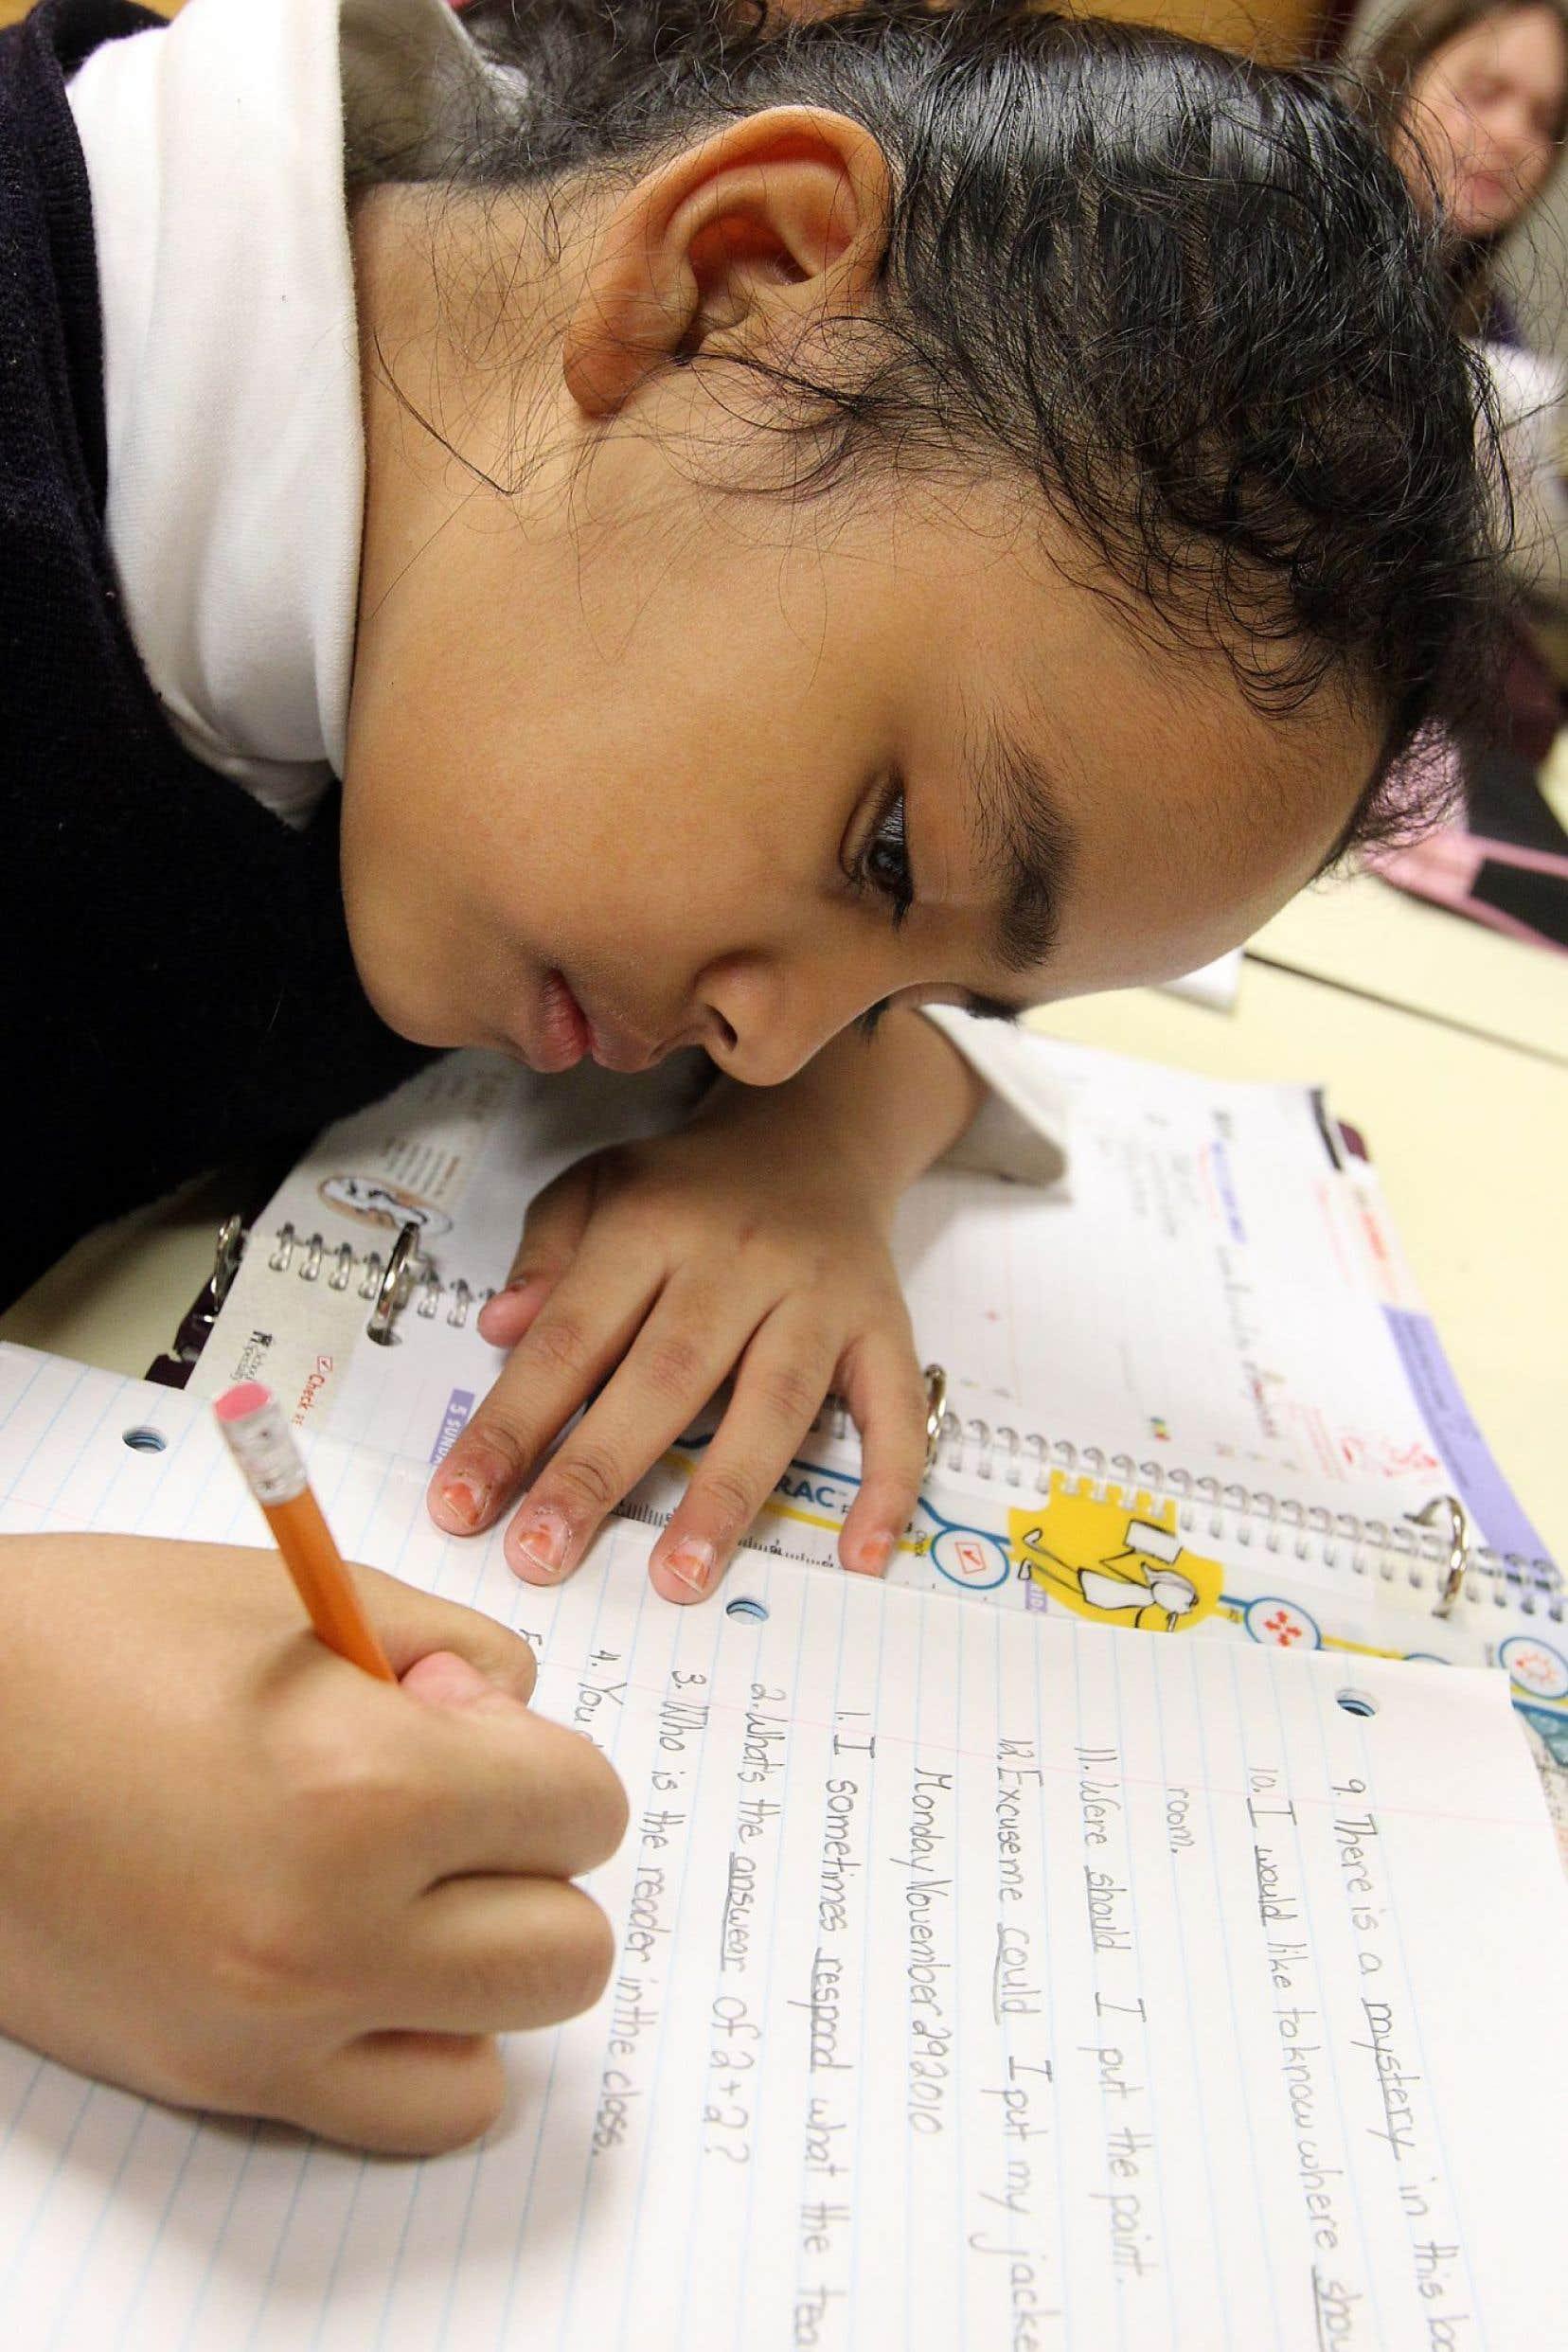 Des parents qui peinent à aider leurs enfants avec les travaux scolaires bénéficieront de l'aide.